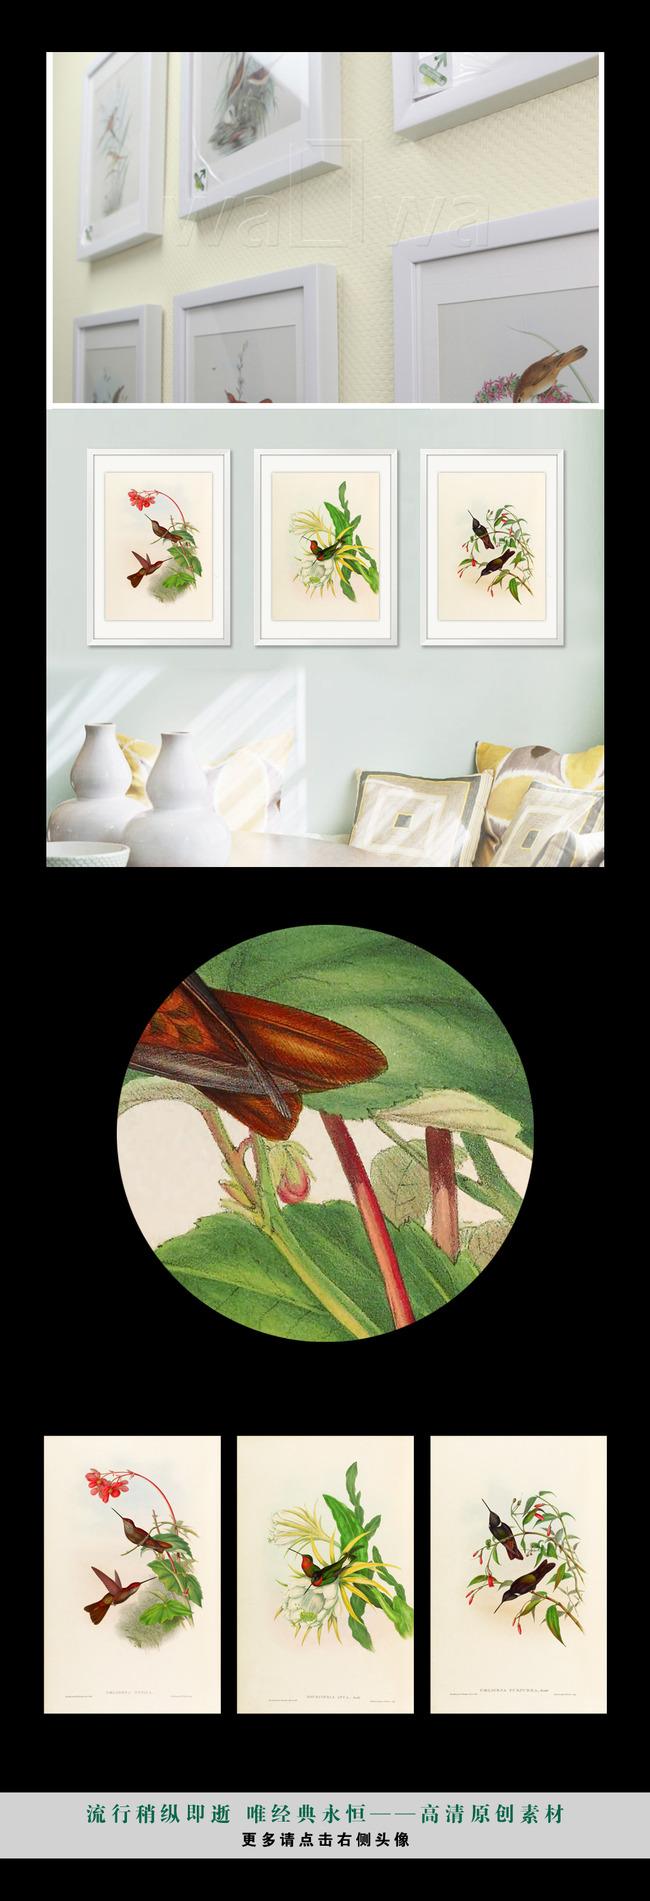 简约复古小清新植物花鸟高清手绘装饰画壁画